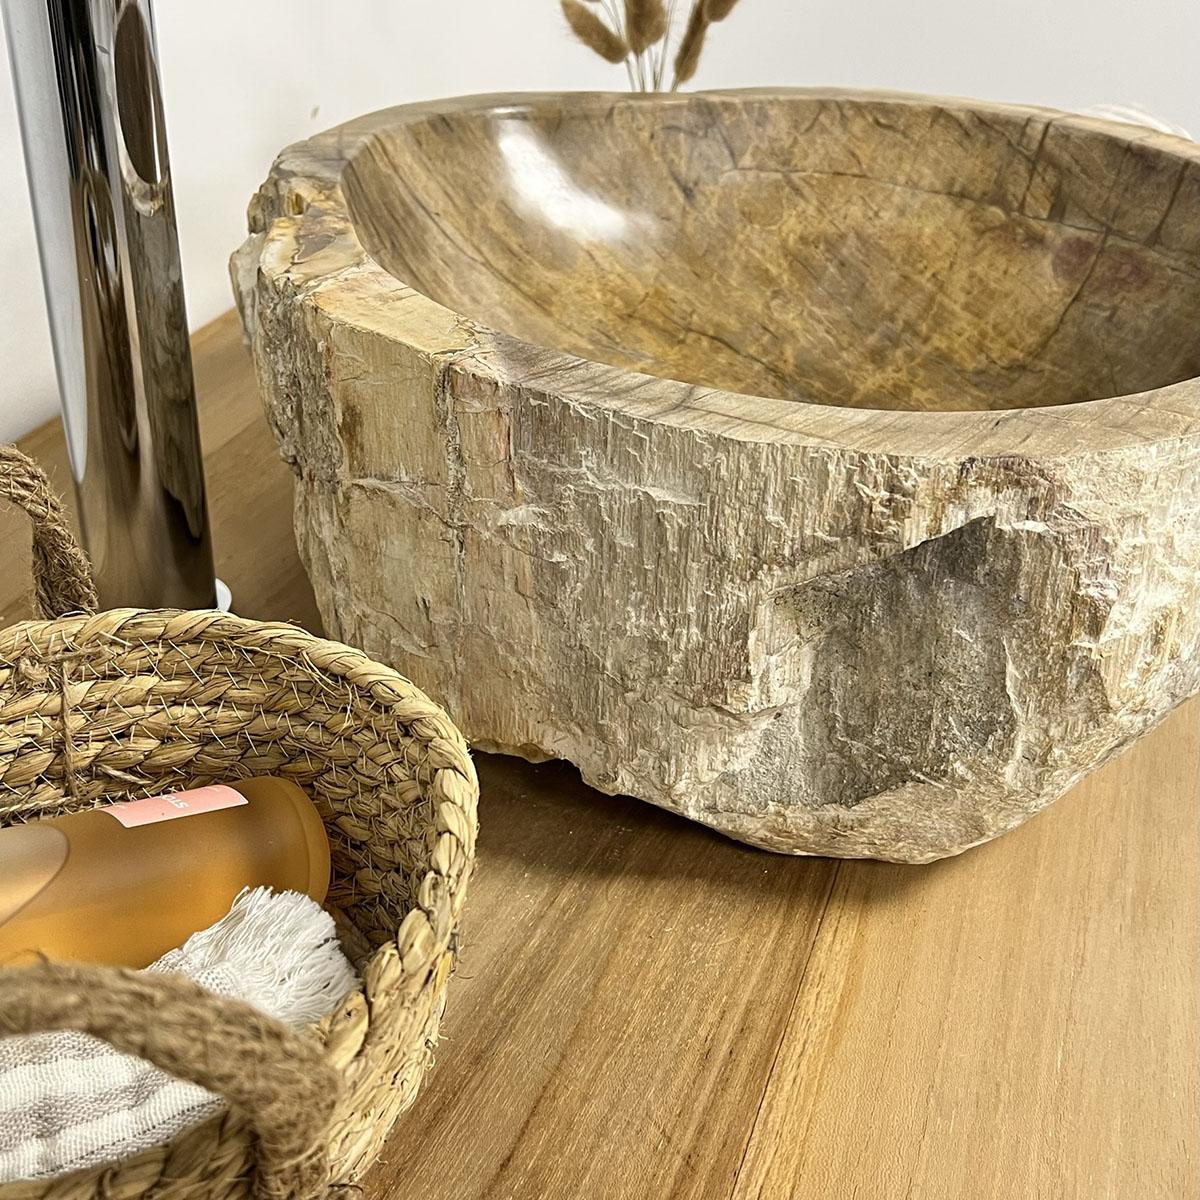 Wanda Collection Website Items, Countertop Bathroom Sinks